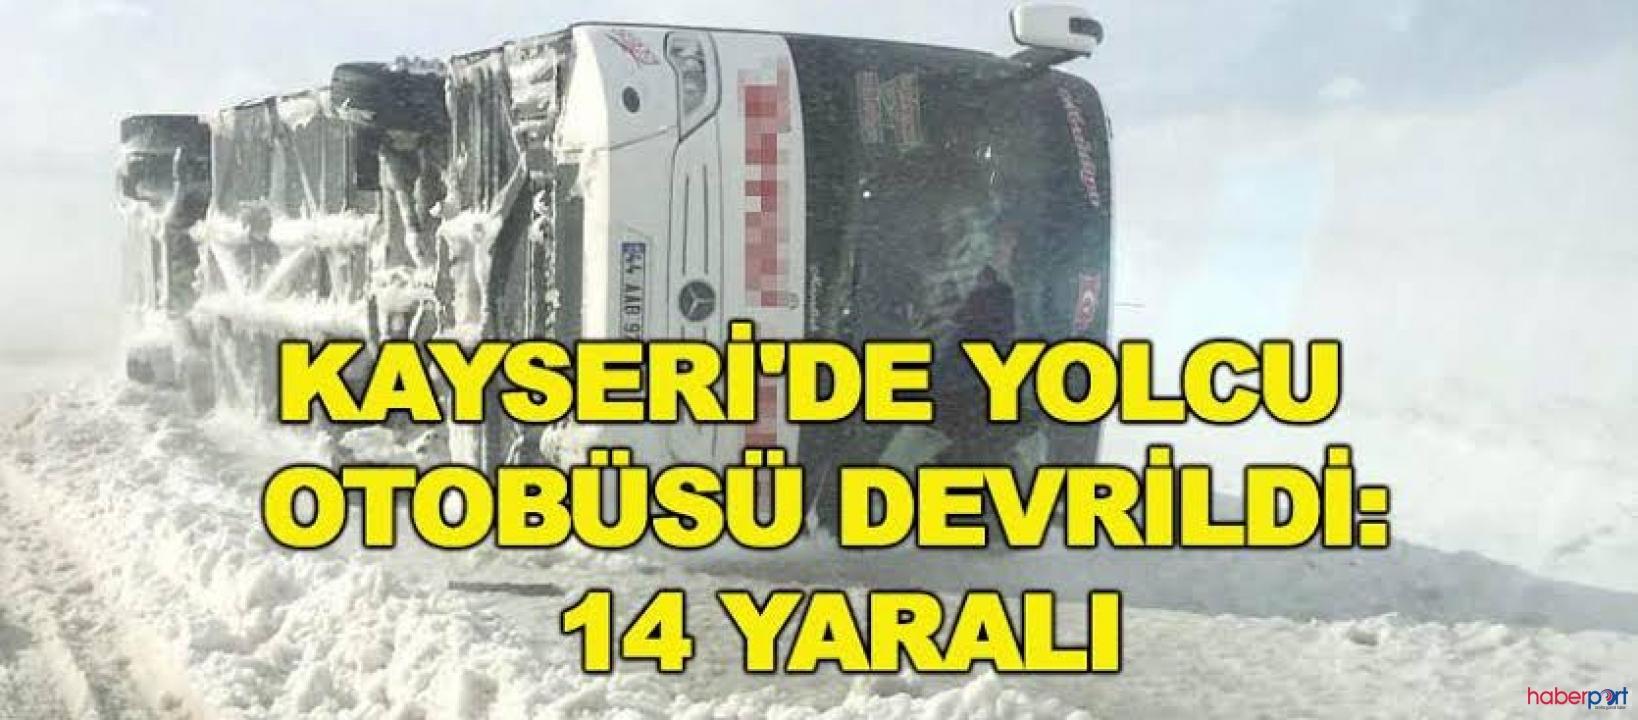 Kayseri'de kar ve buzlanma nedeniyle otobüs devrildi; 14 yaralı